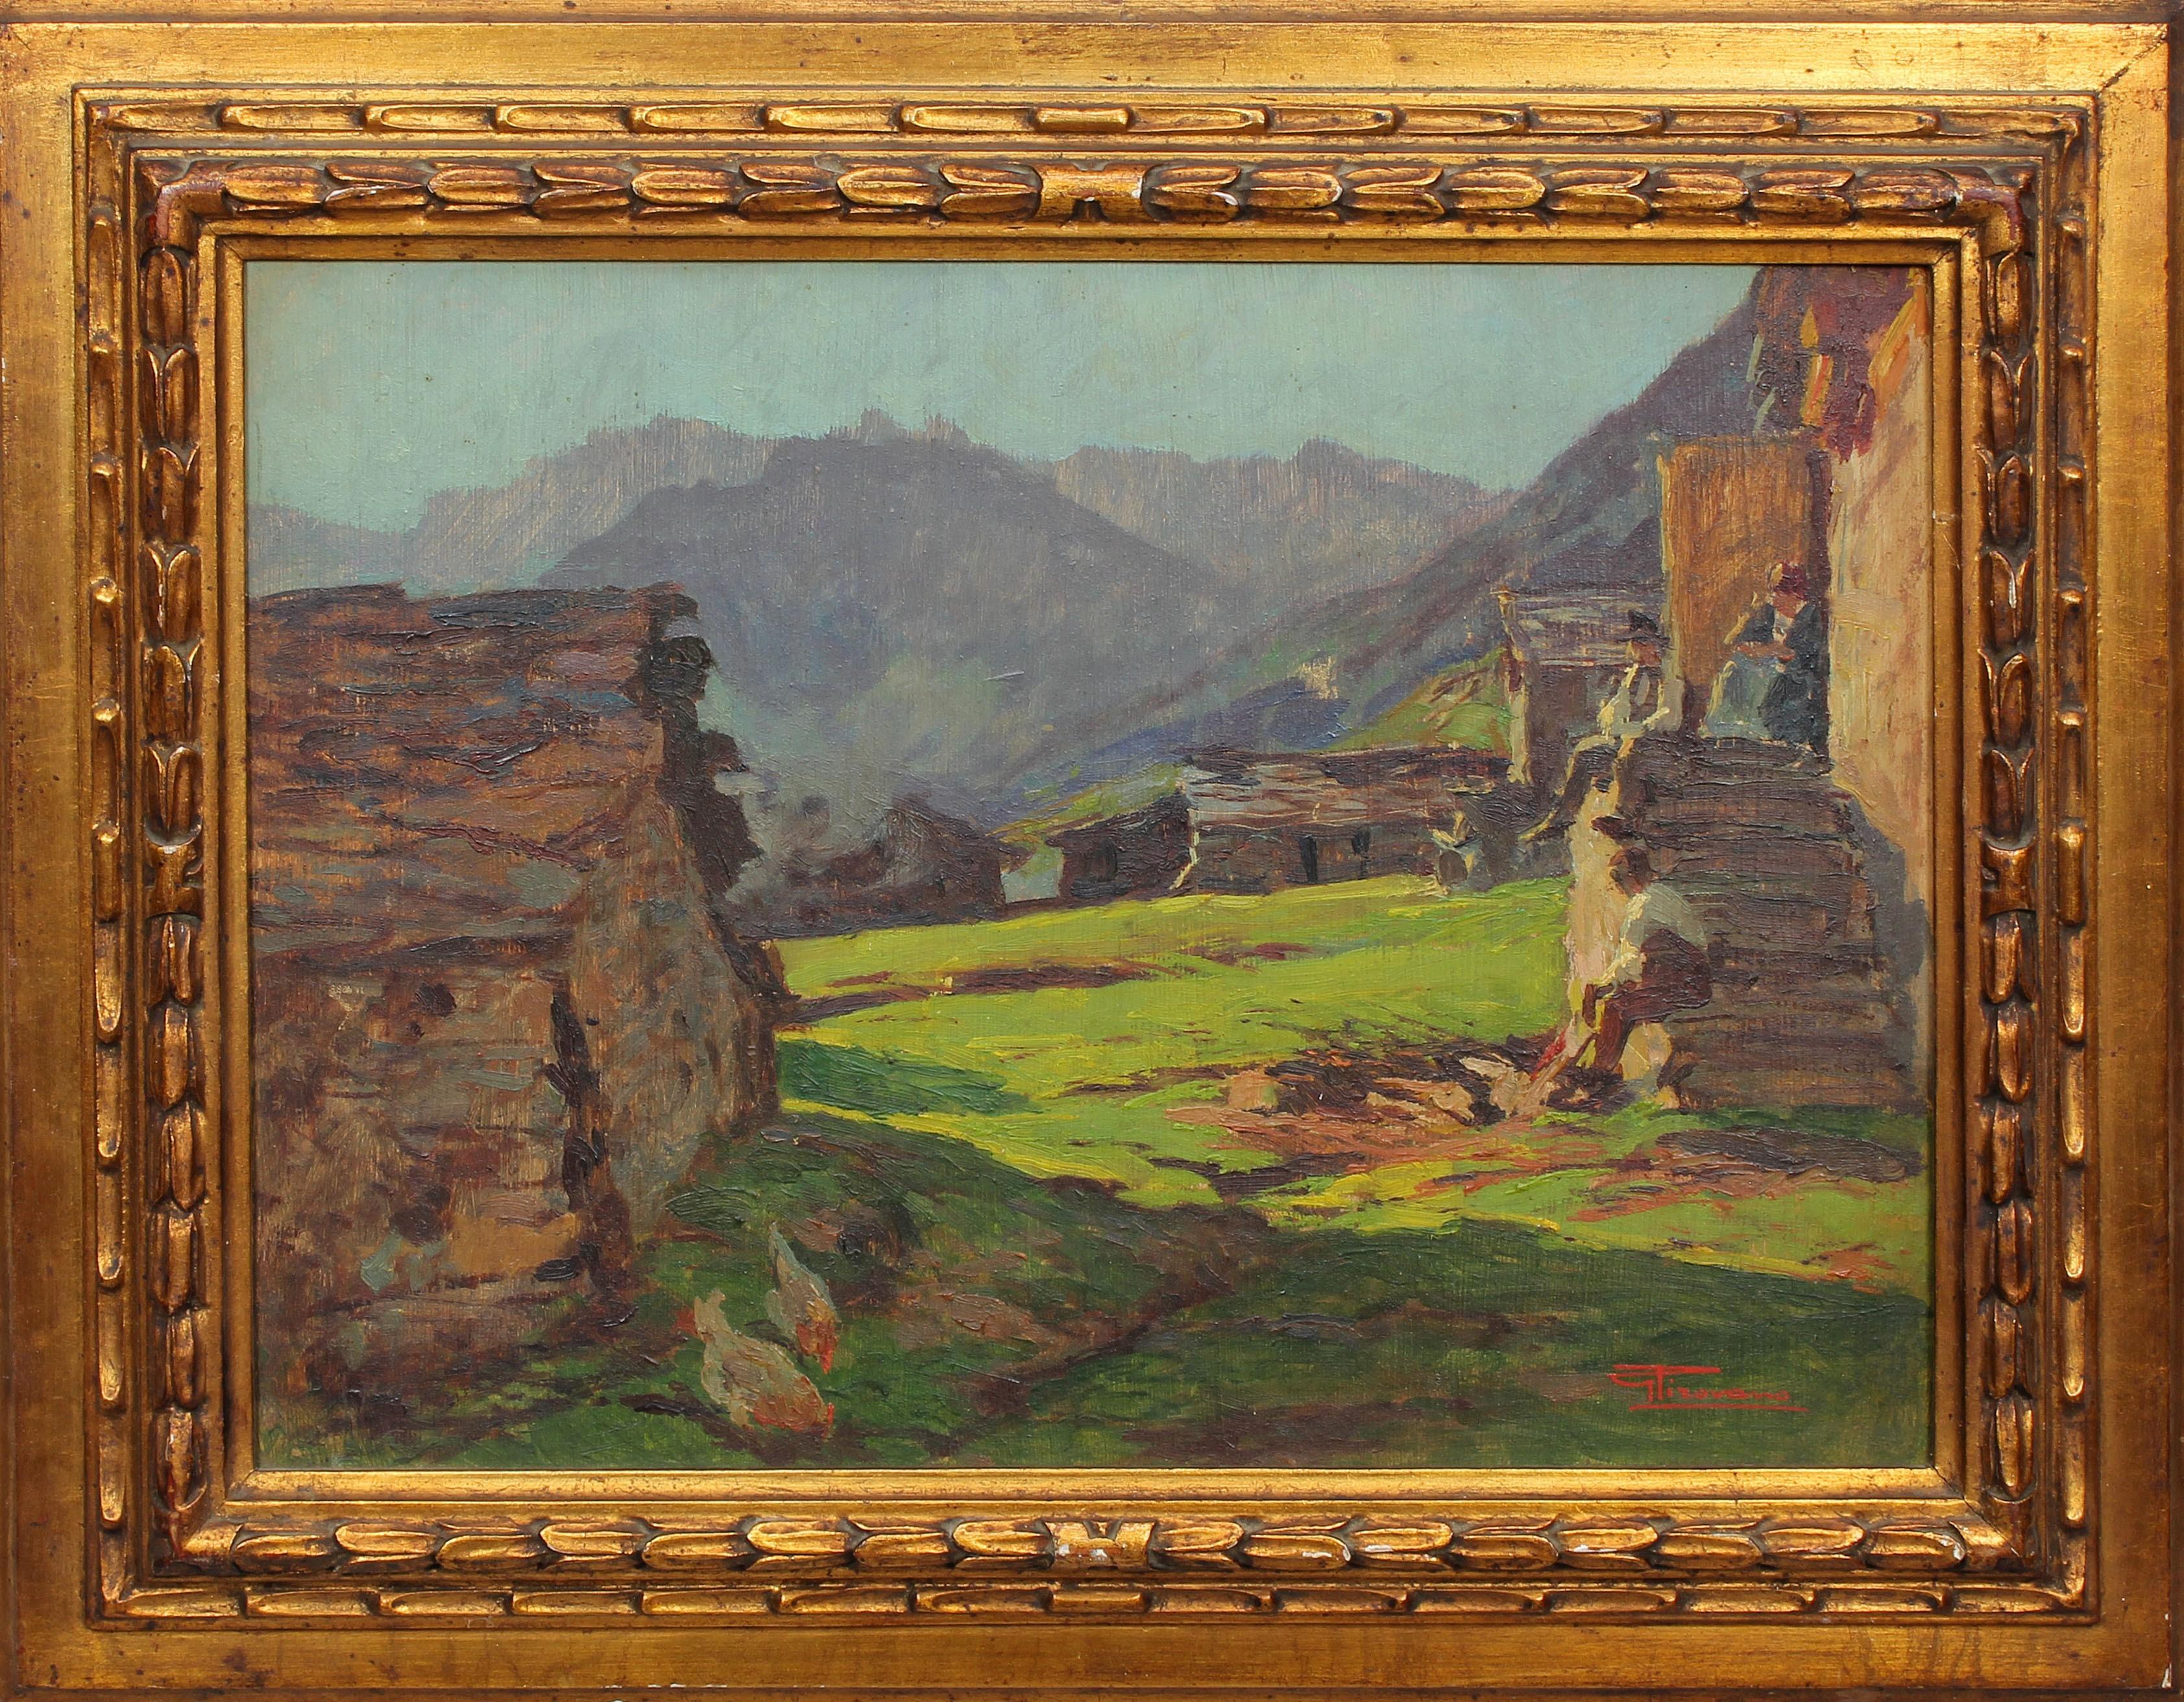 Lot 39 - Paesaggi montani, a firma G. Tirovano olio su compensato, primi '900 cm. 40x30